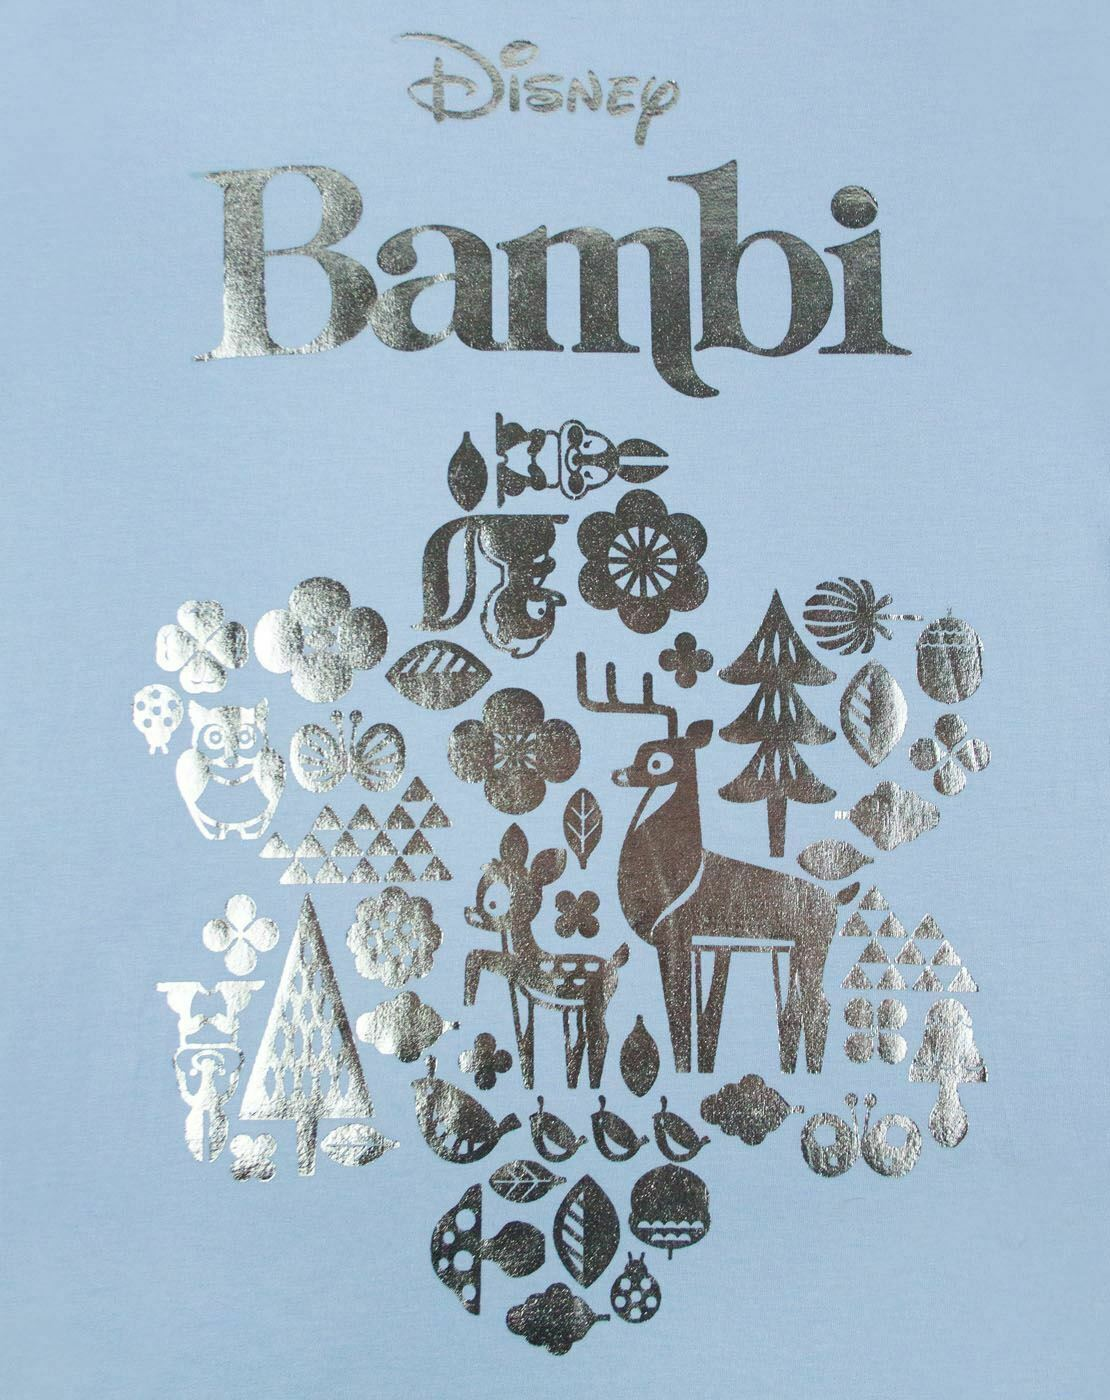 Disney-Bambi-Silver-Foil-Women-039-s-T-Shirt thumbnail 7